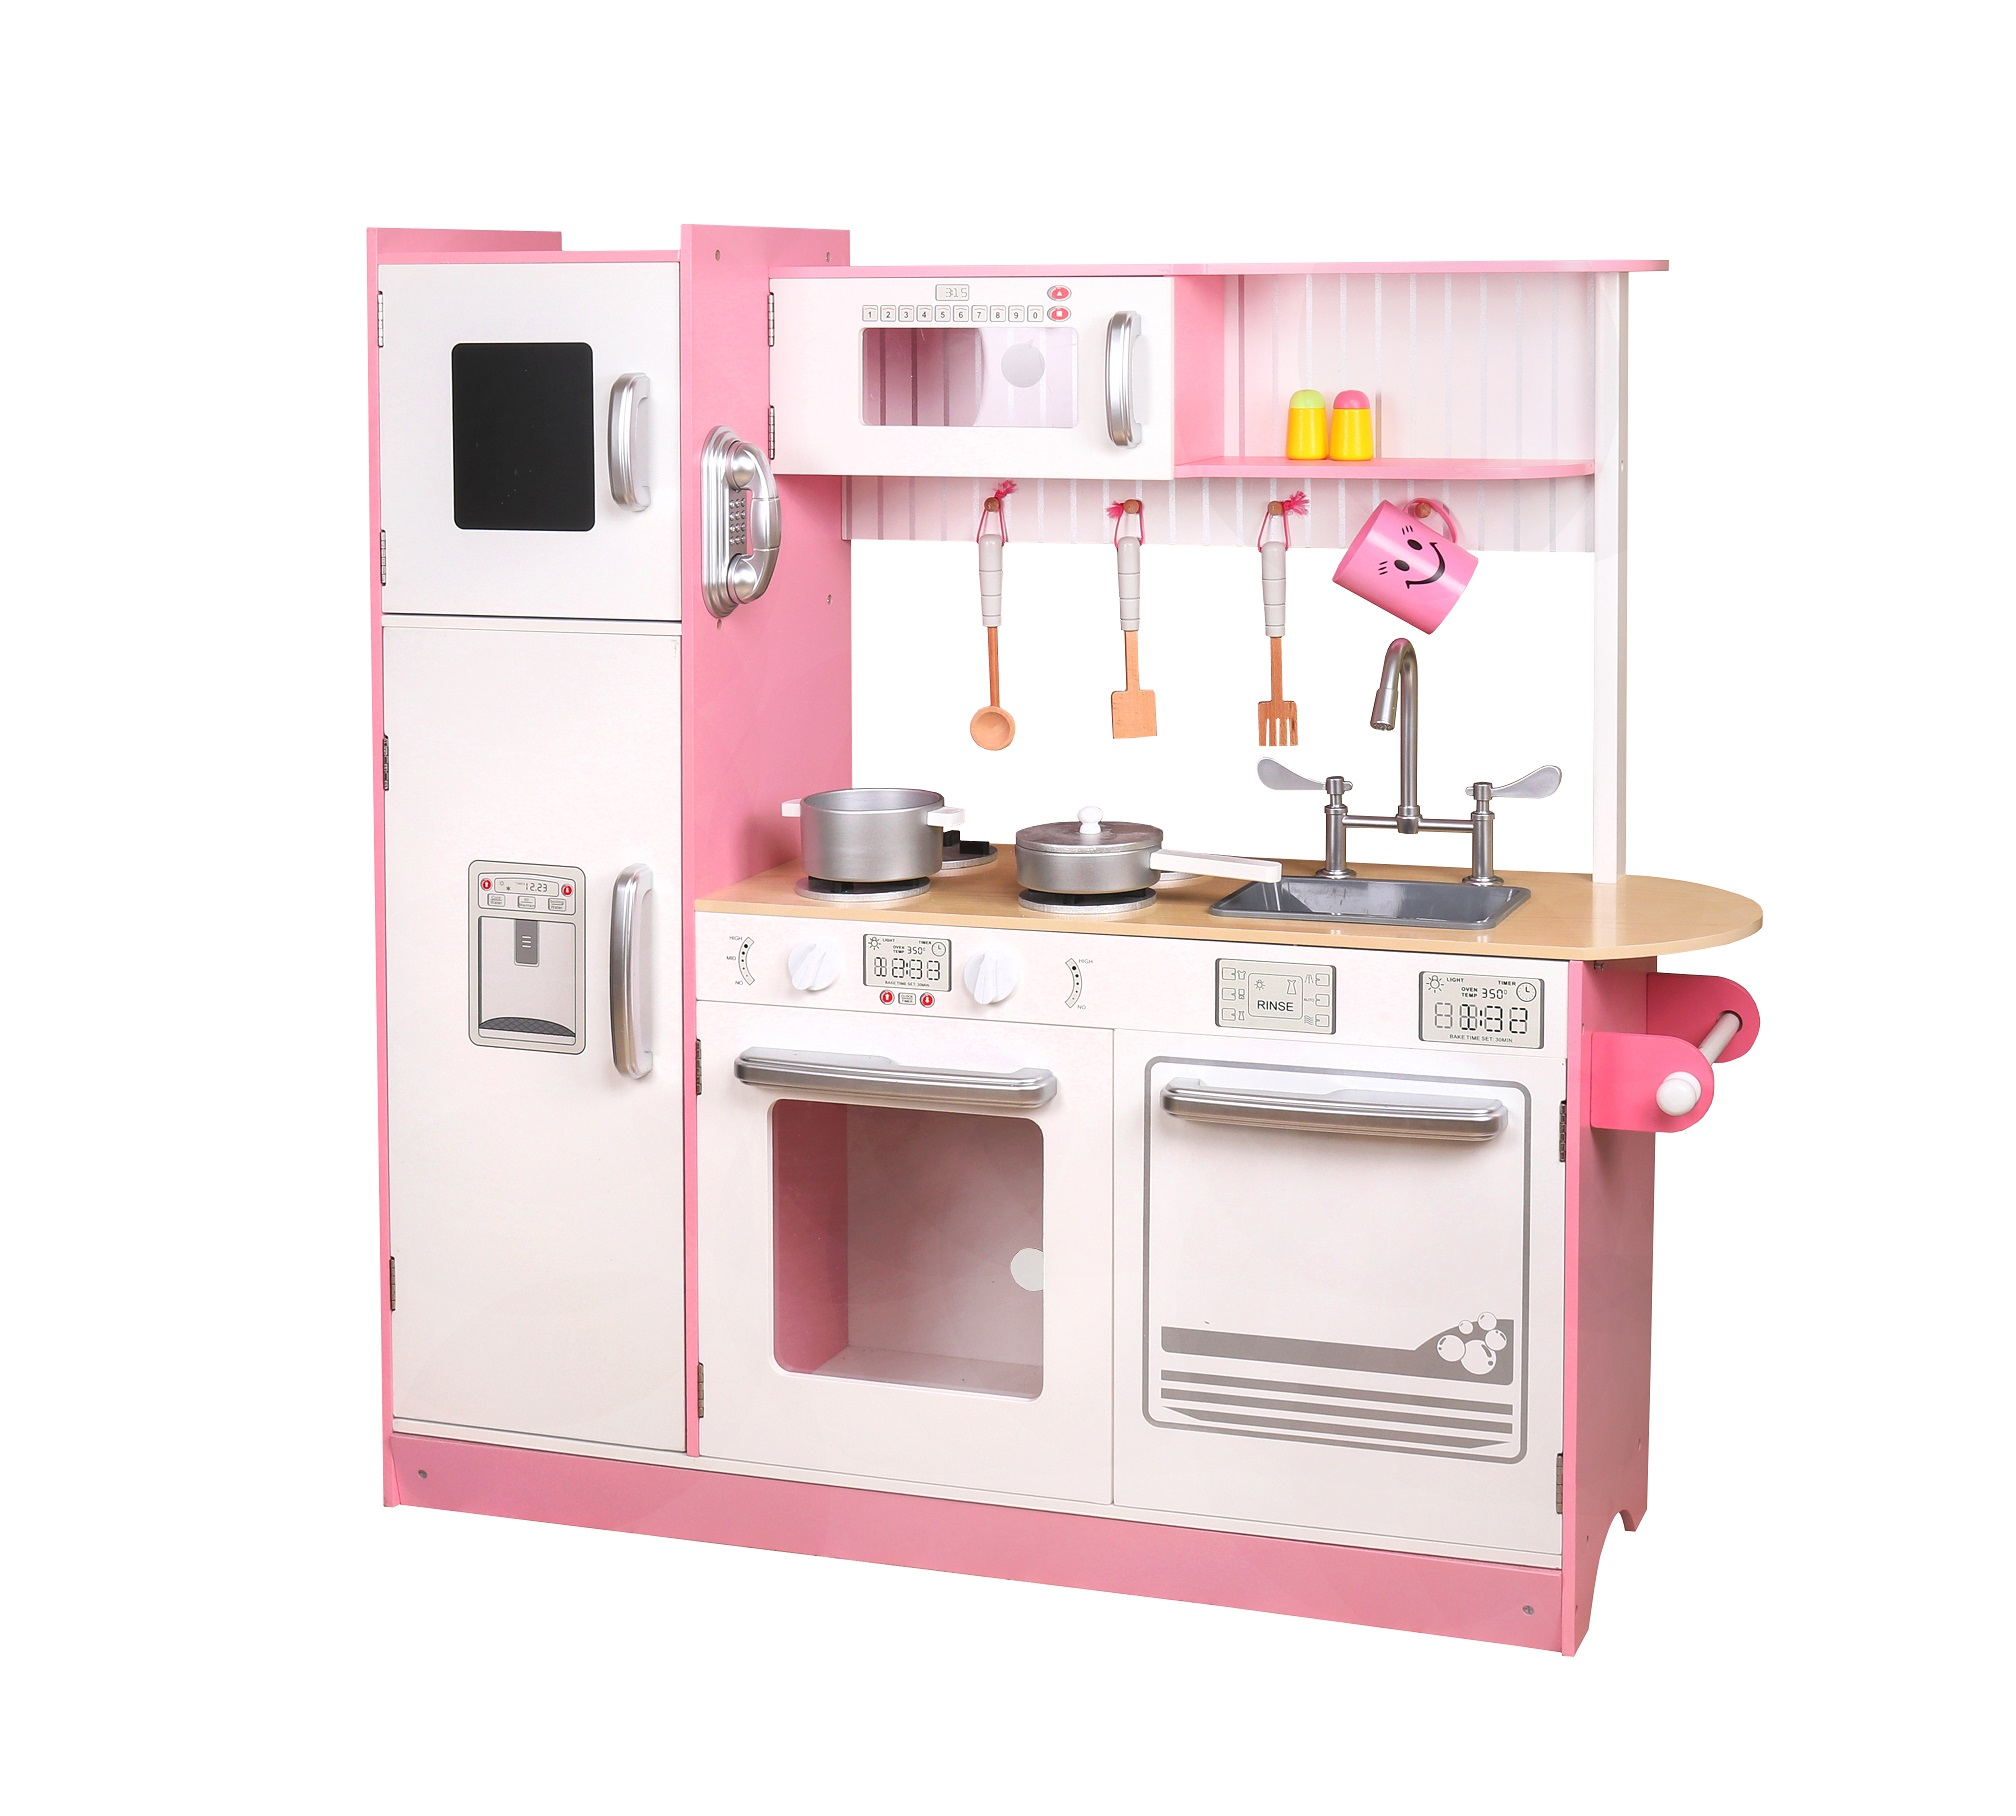 מטבח עץ לילדים ורוד דגם אורטל W10C382B